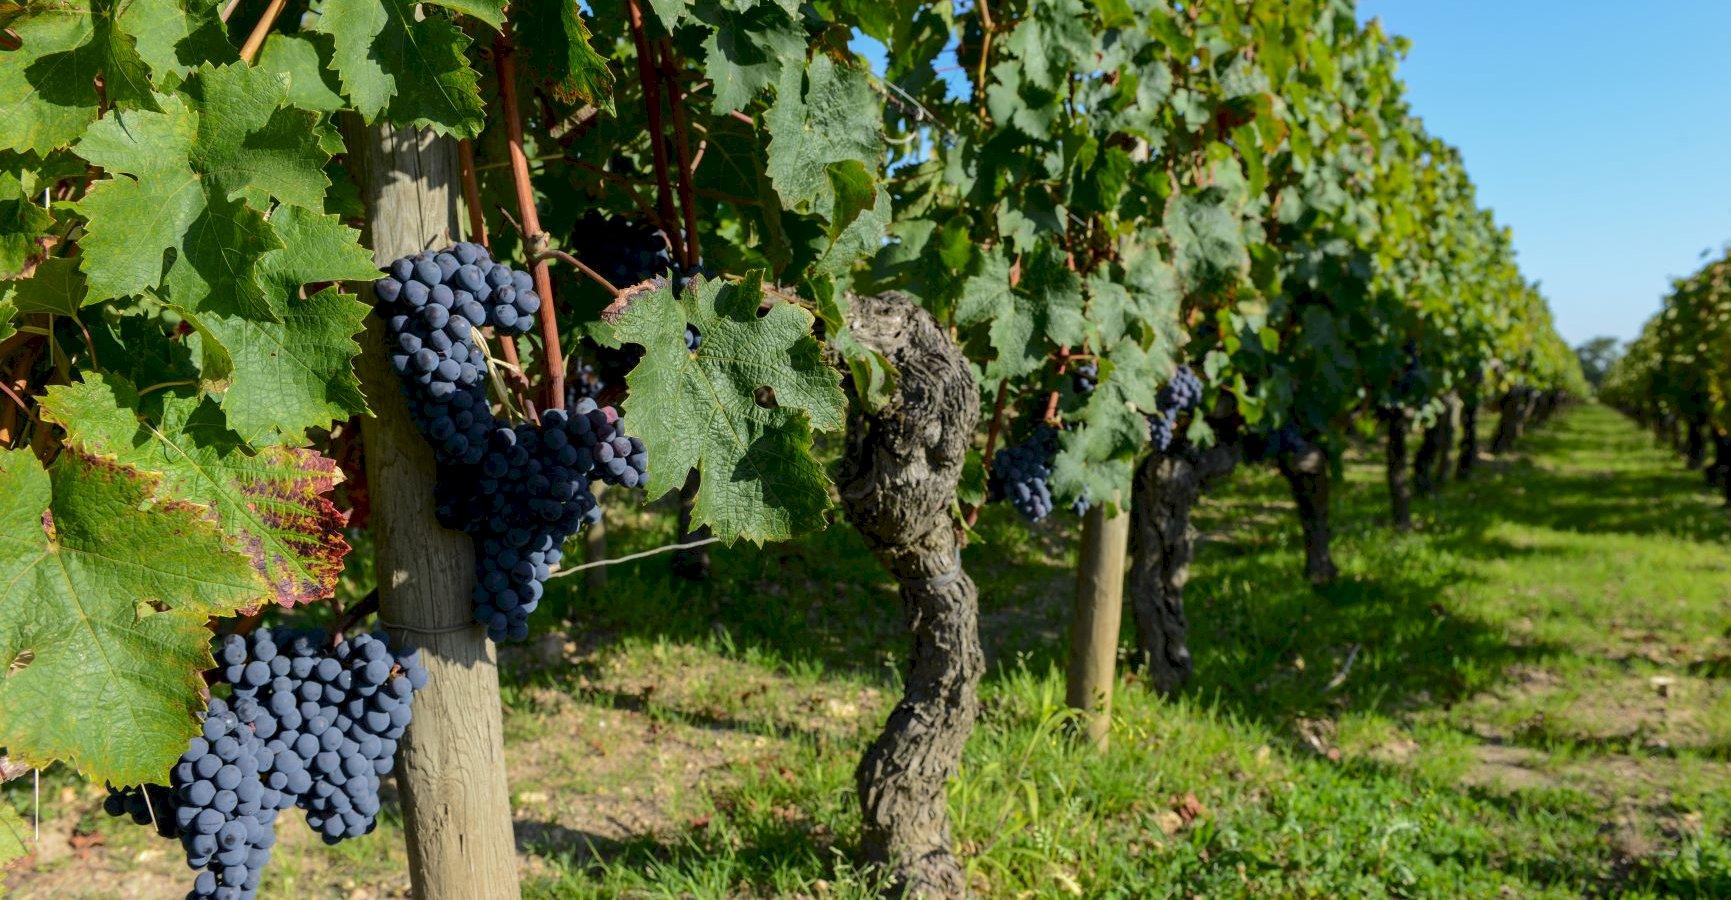 Ophorus Tours - Médoc Wine Tour Private Half Day Trip From Bordeaux